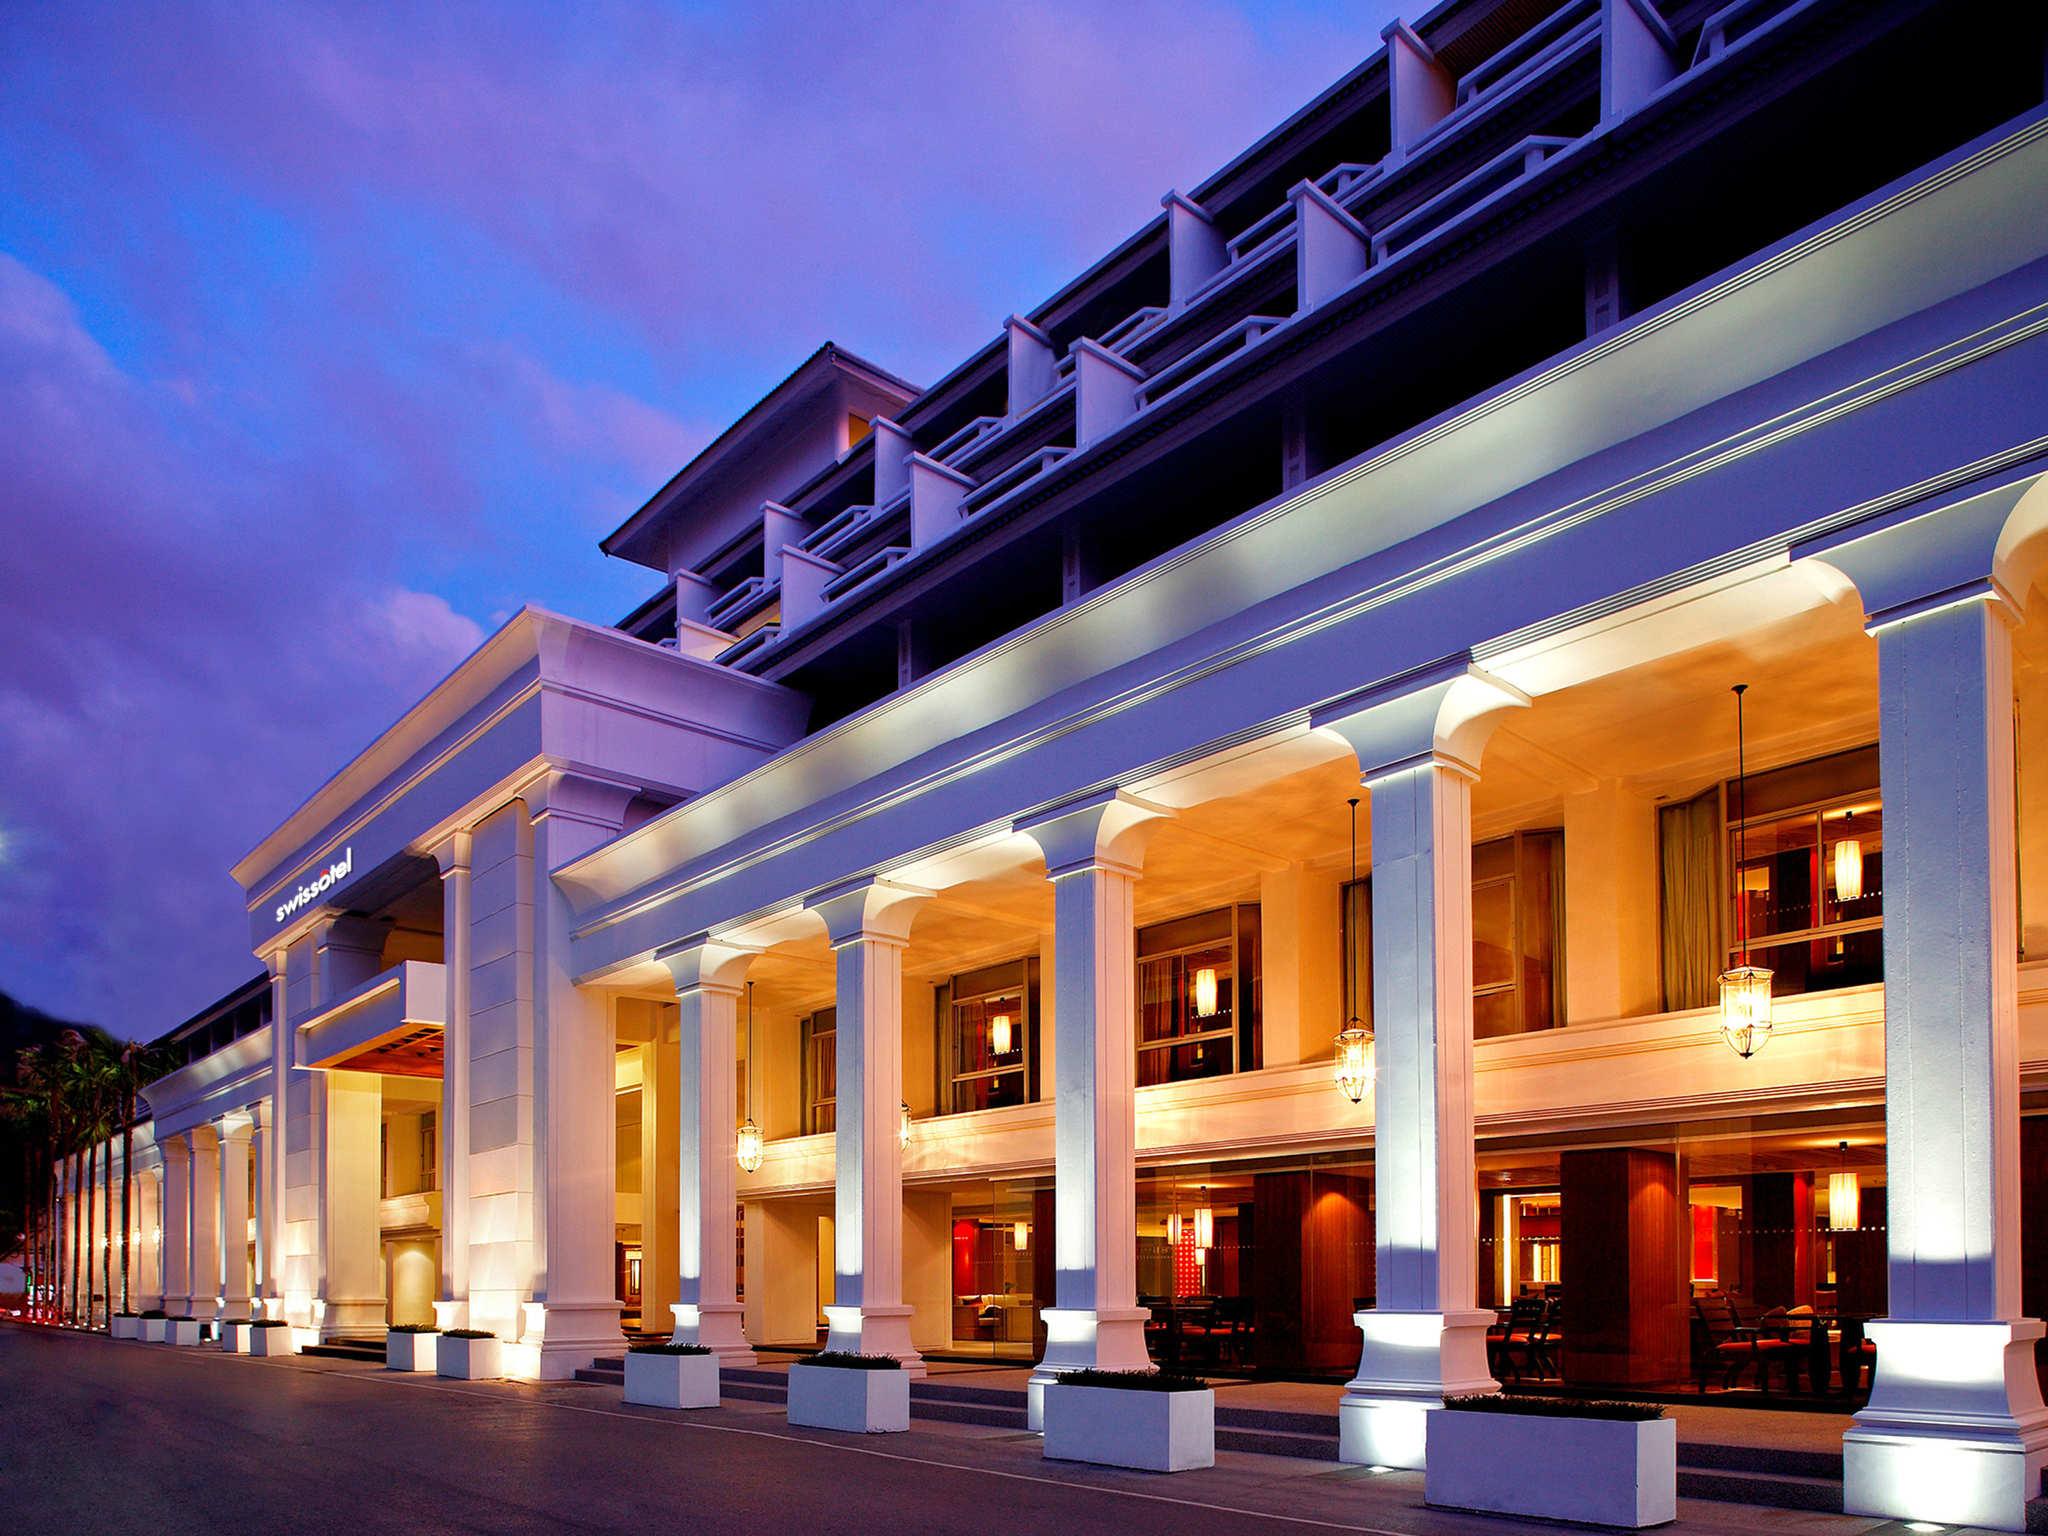 Hotel – Swissôtel Resort Phuket Patong Beach